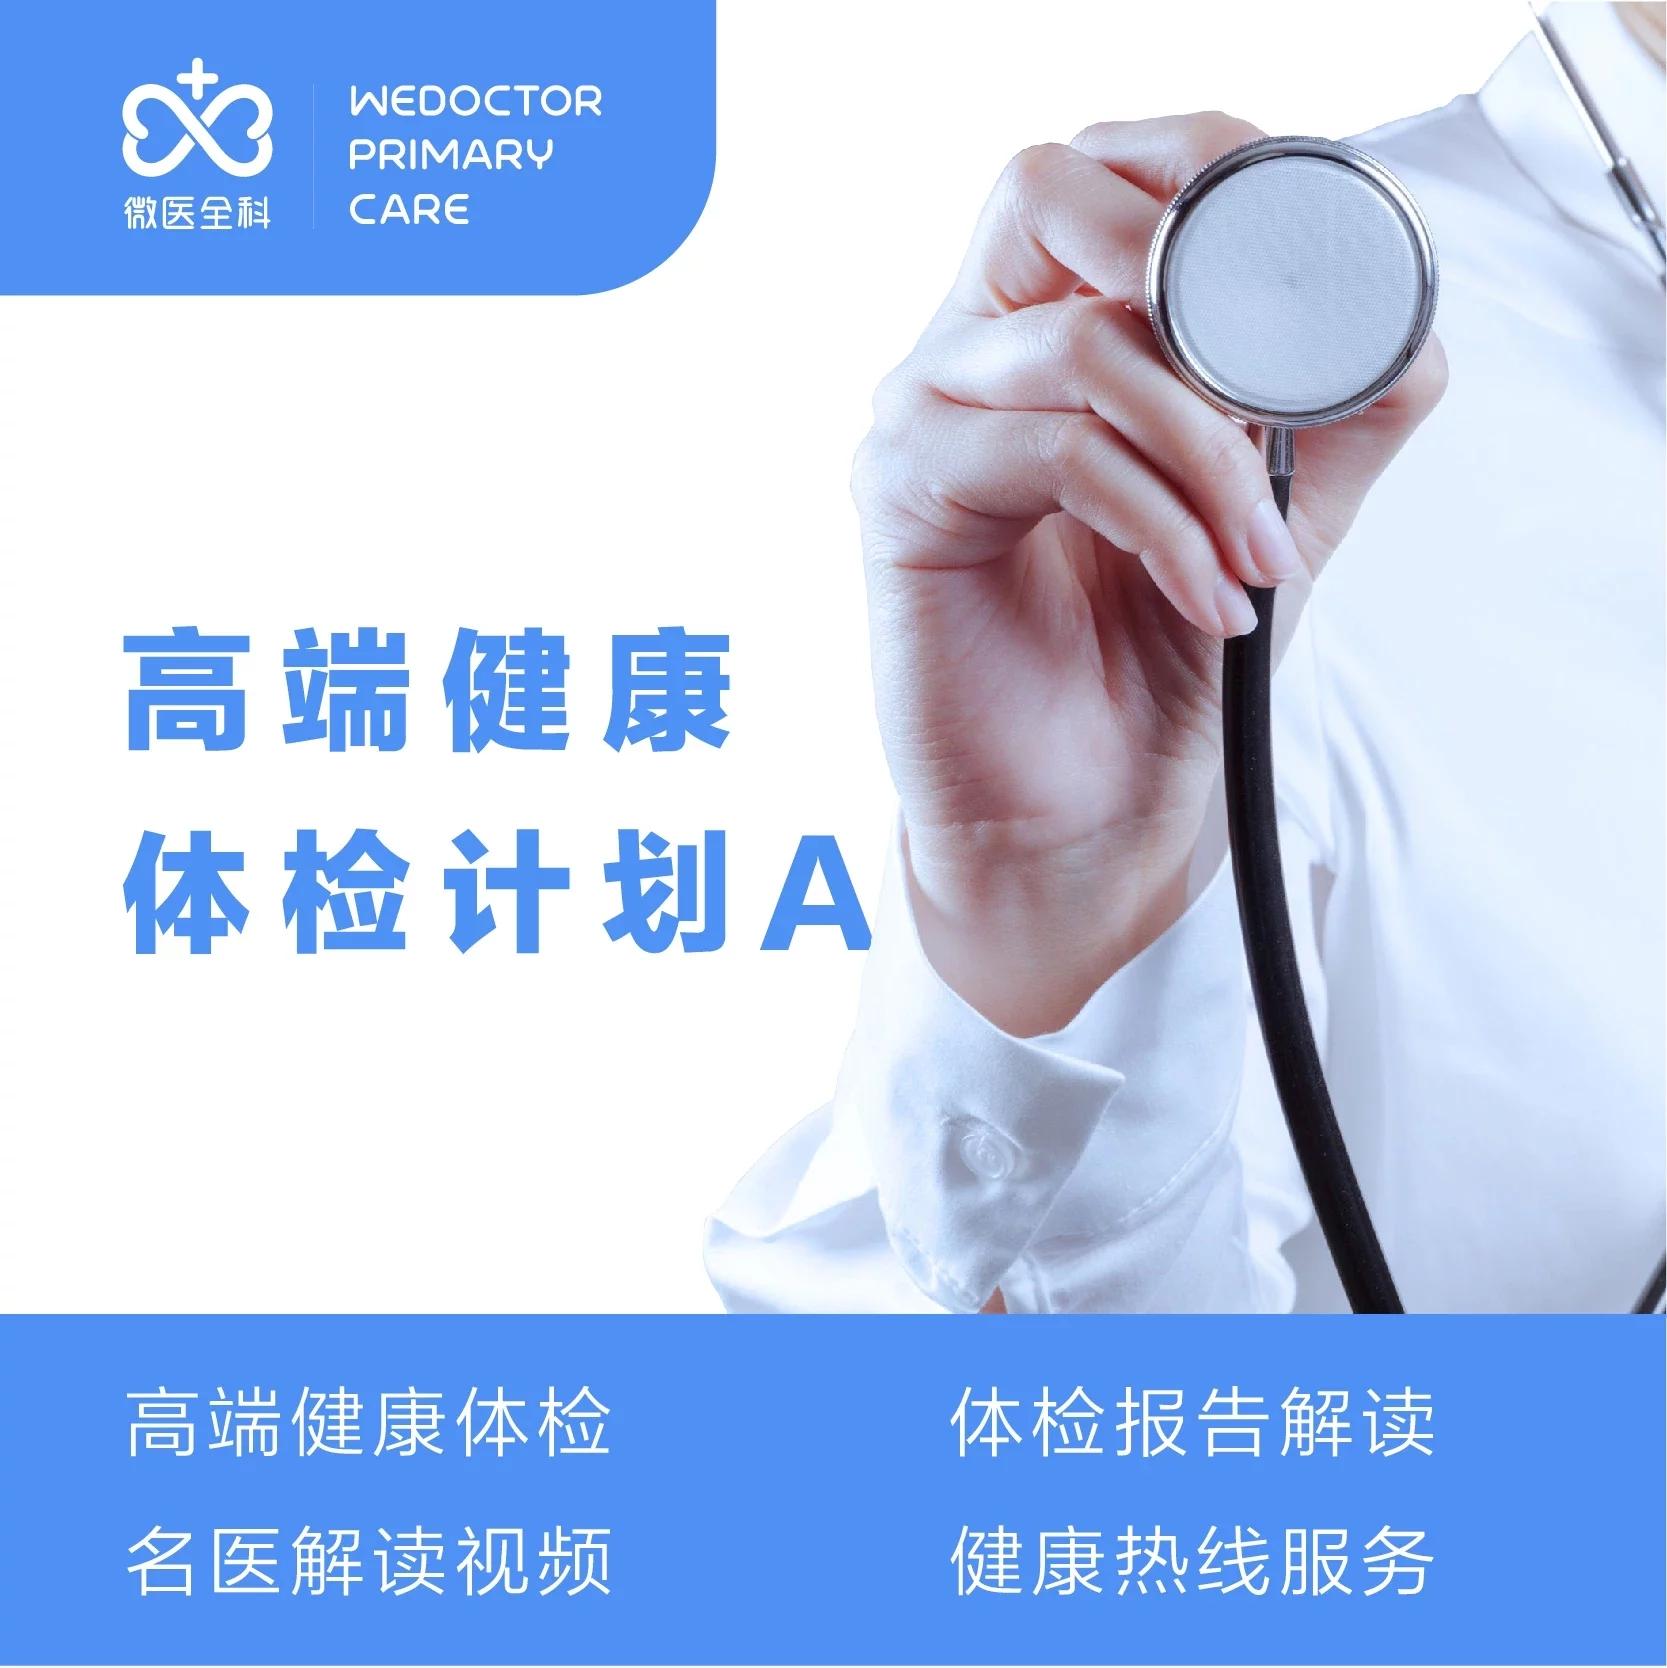 【北京/杭州/南京/成都】高端健康体检计划A